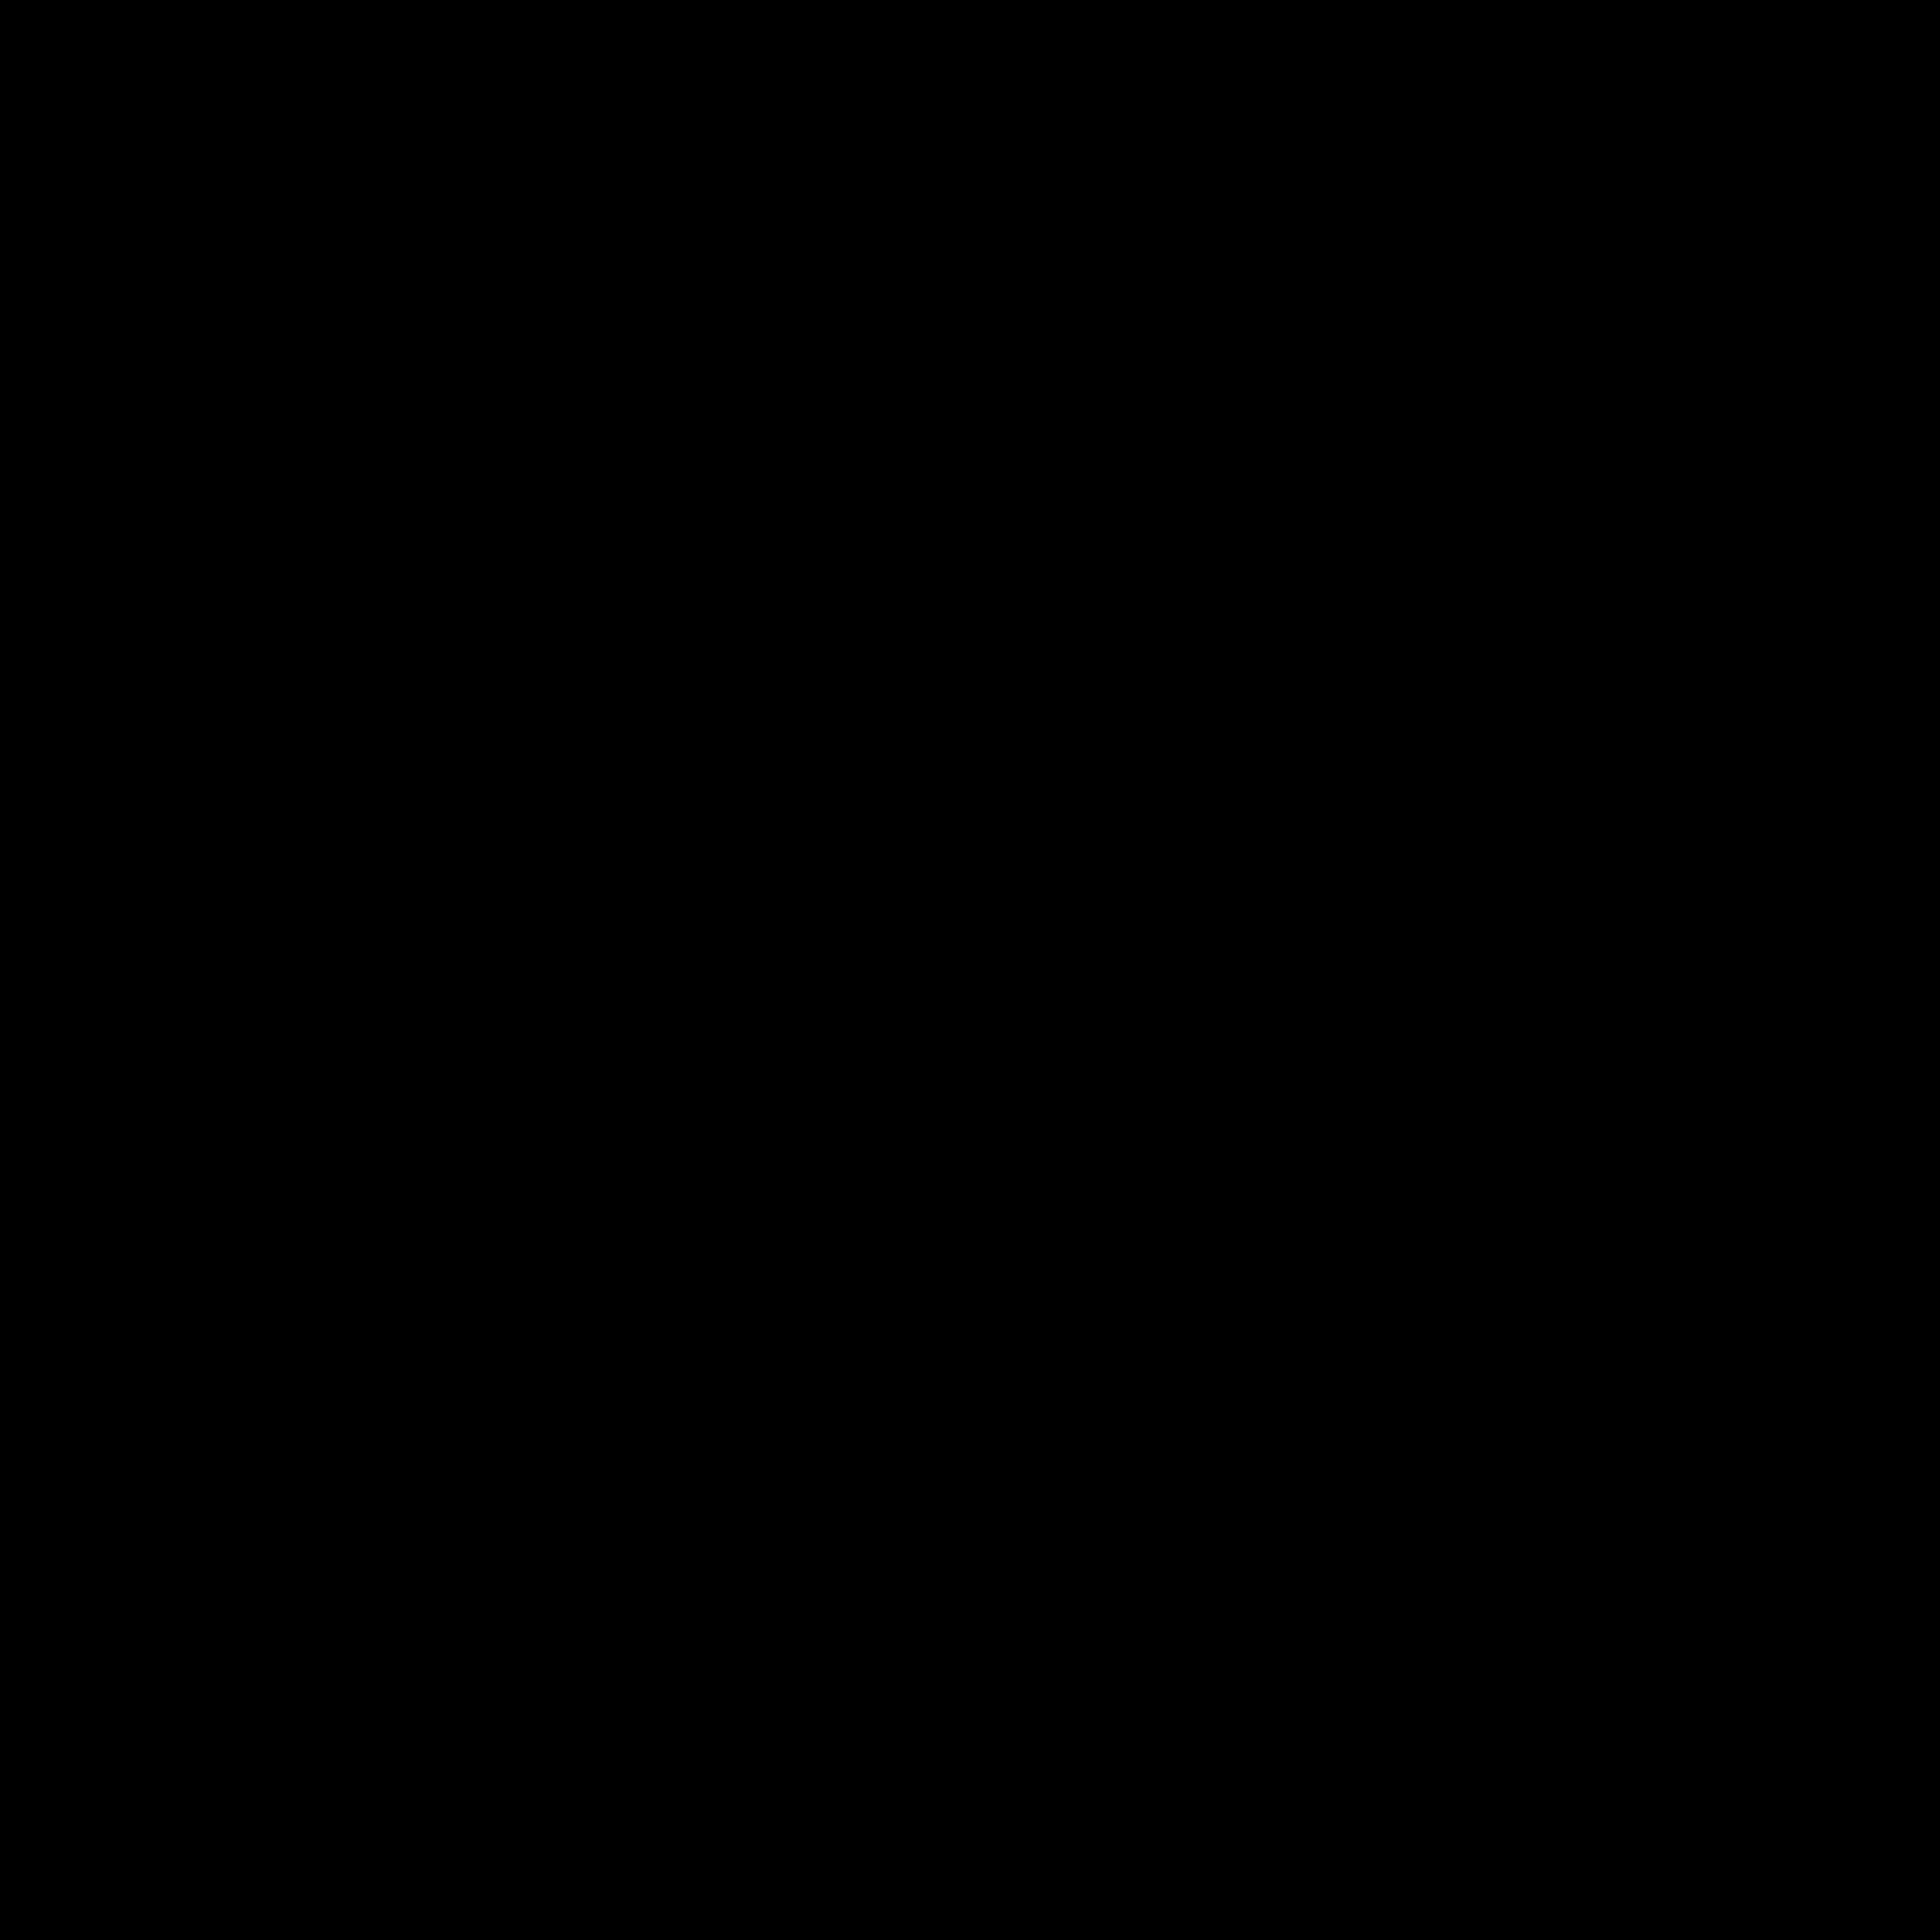 esac logo-01.png